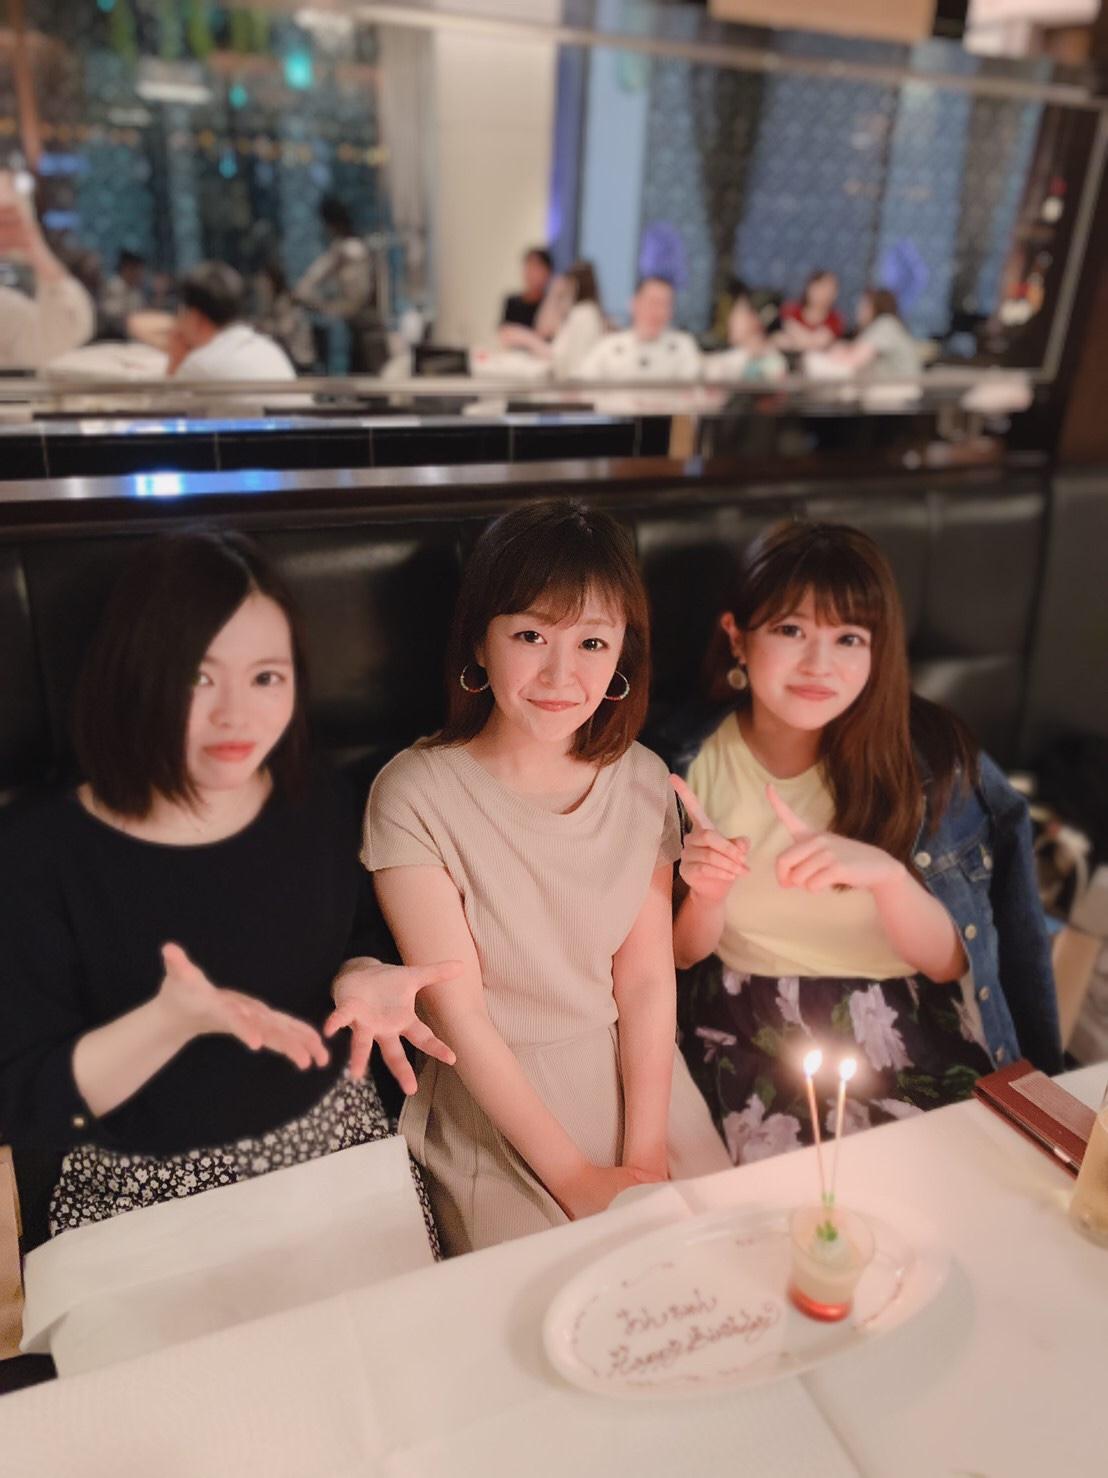 【銀座ディナー】本格フレンチ&イタリアン!贅沢気分でお洒落女子会をするならココ♡_4